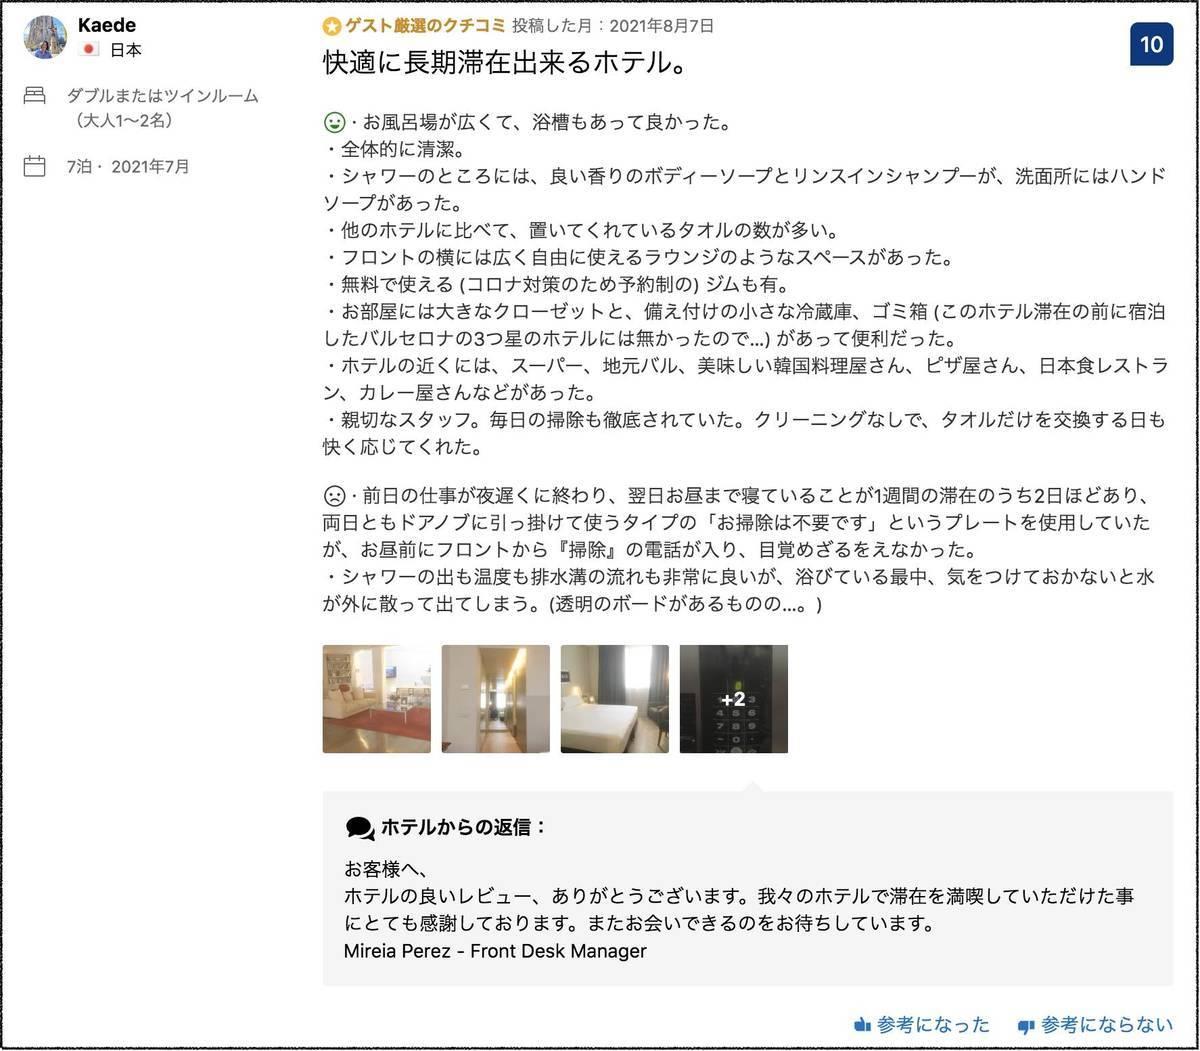 f:id:kaedetaniyoshi:20210903030756j:plain